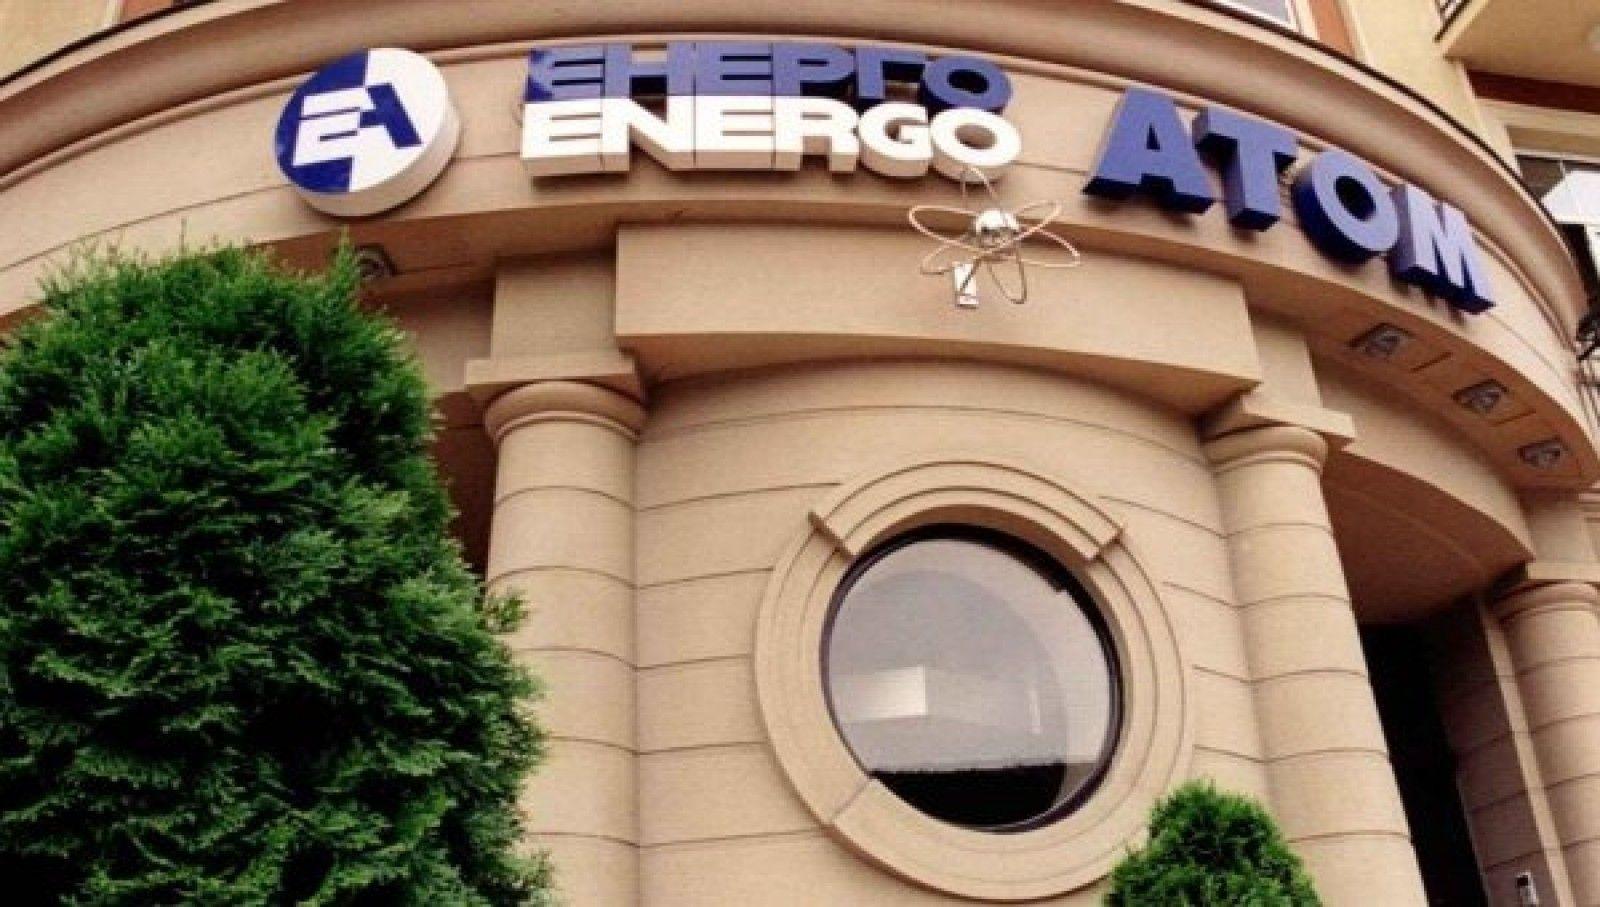 «Энергоатом» принял решение вывести в резерв два из пятнадцати энергоблоков компании / фото bykvu.com